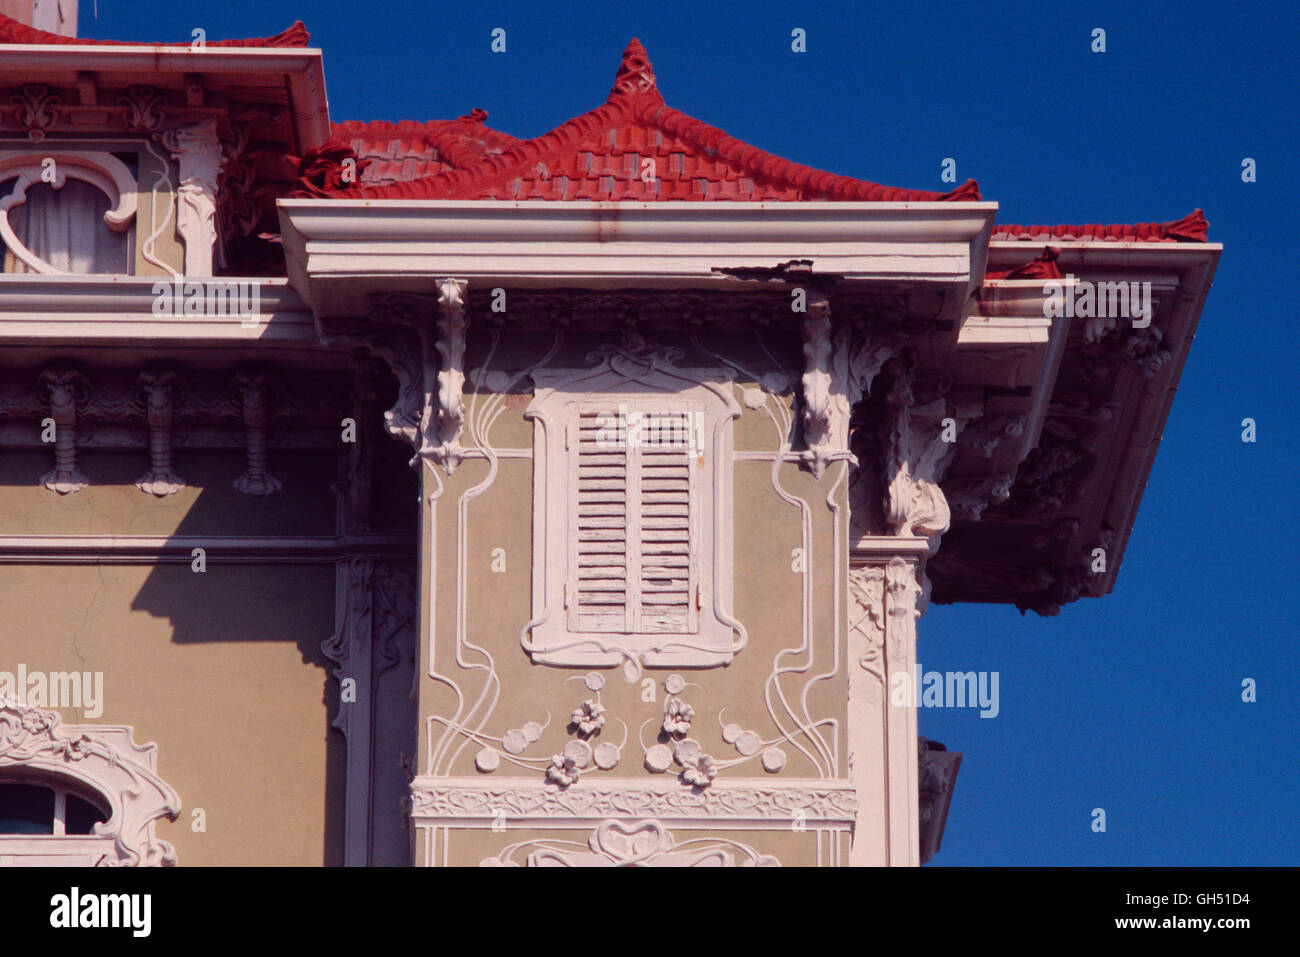 Italy, Marche, Pesaro, Piazzale della Liberta, Villino Ruggeri - Stock Image